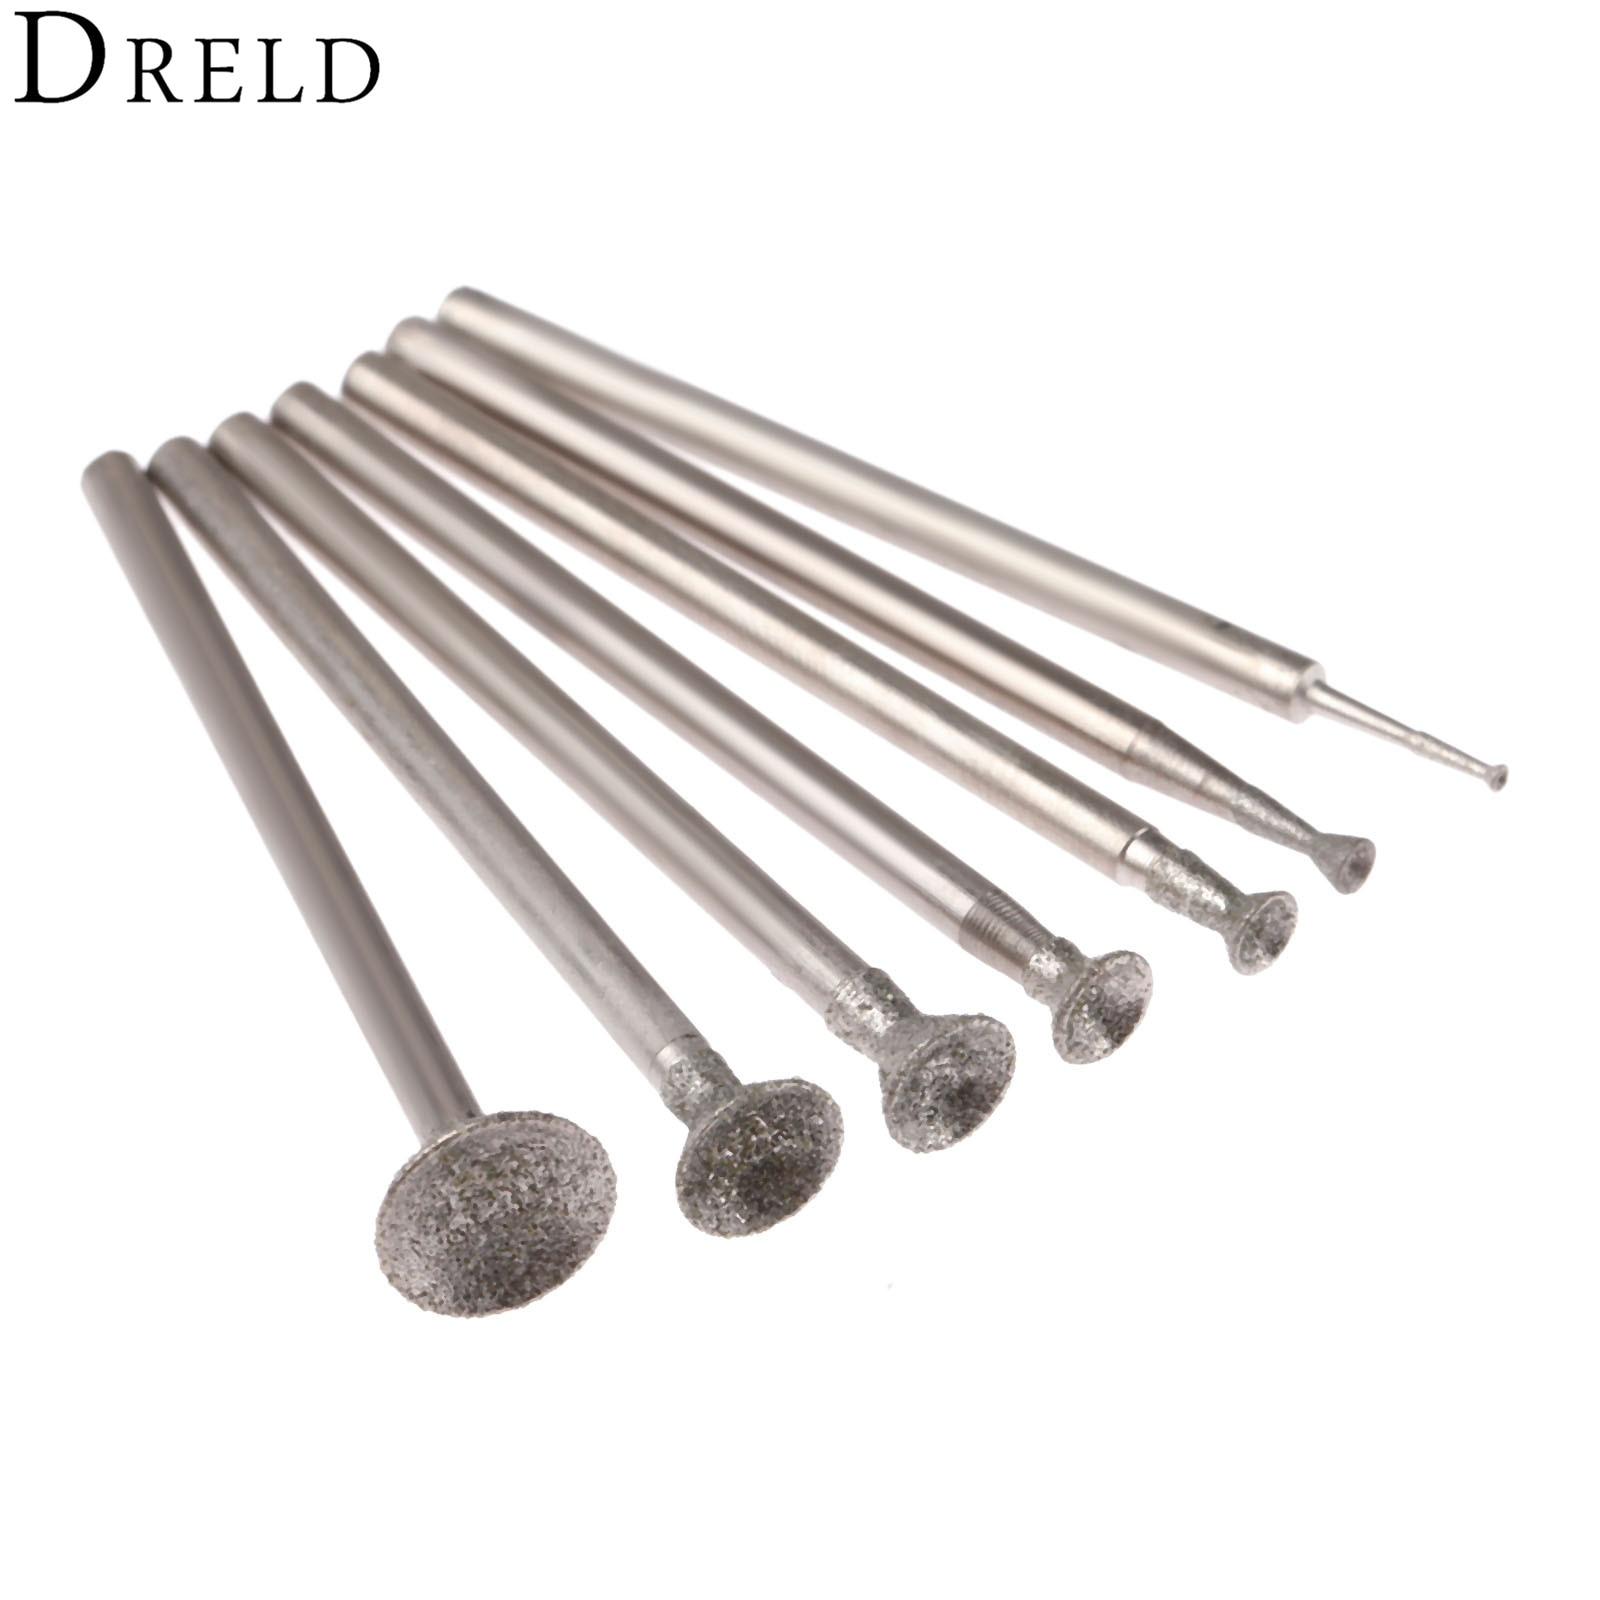 Dreld 7 pces 1-8mm cabeça de moagem de diamante montado pontos 2.35mm haste esférica côncava jade carving rebarbas para dremel ferramenta rotativa